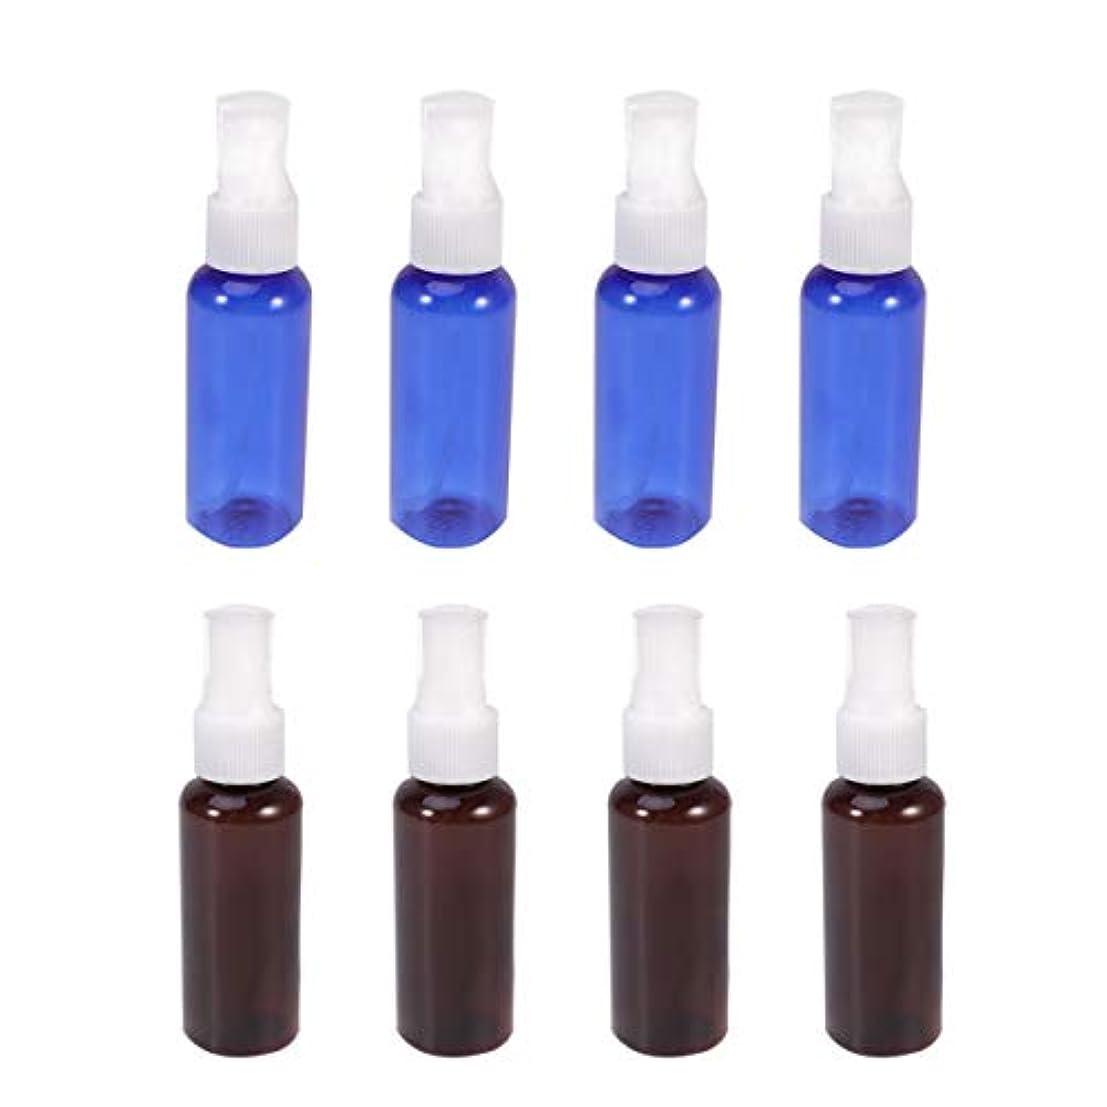 寛容悲鳴進行中Lurrose 8個50 mlプラスチックスプレーボトルミニ空の香水瓶空の香水ポンプボトル(青と茶色)